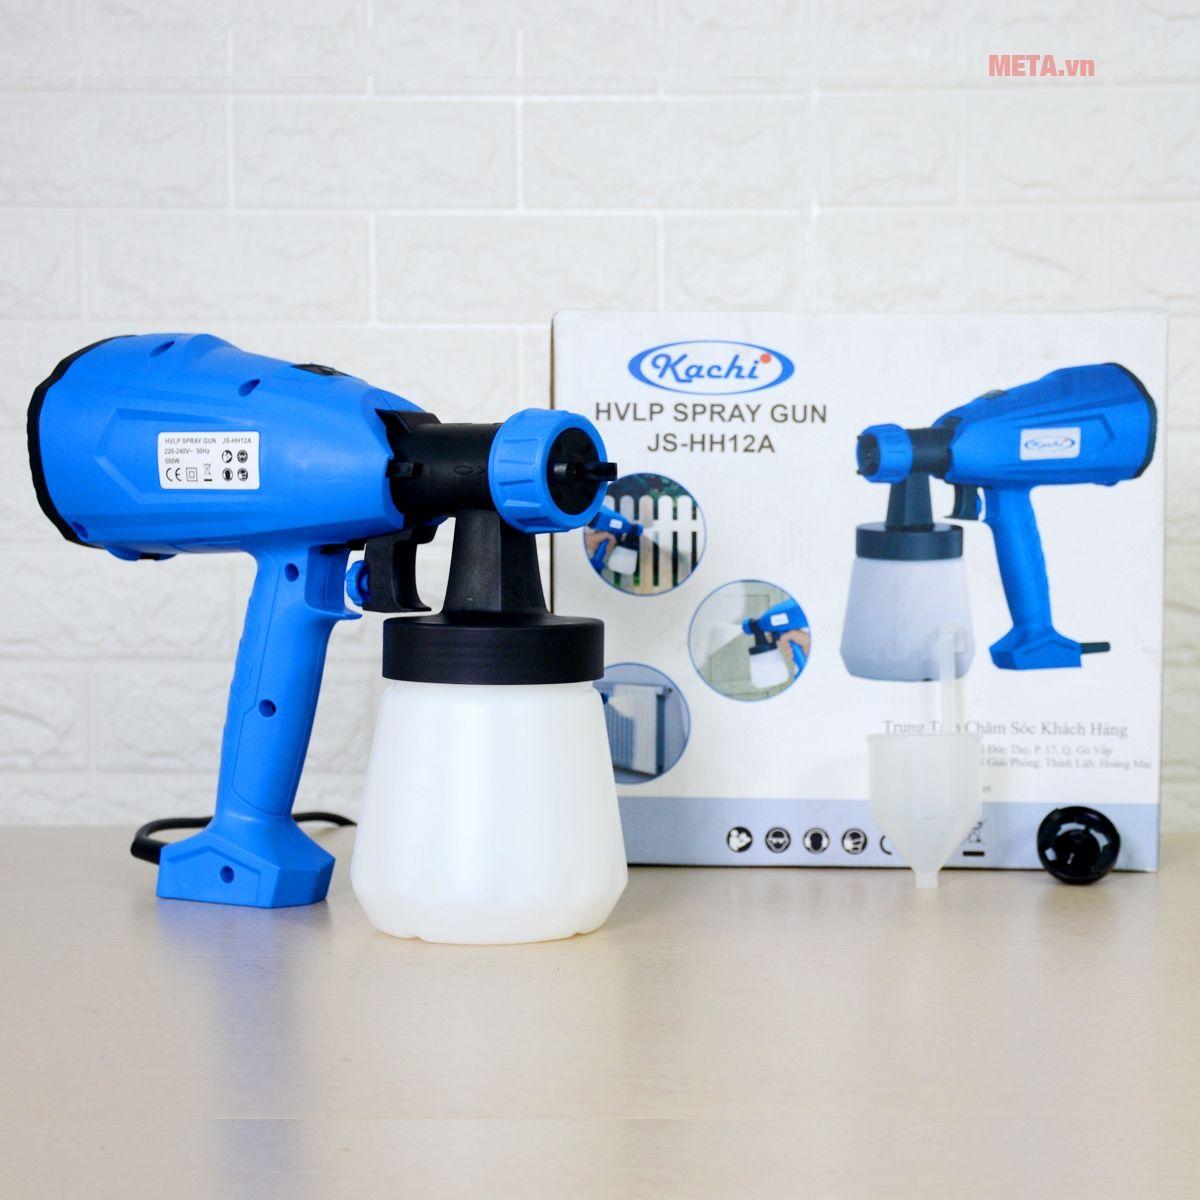 Trọn bộ sản phẩm máy phun sơn cầm tay Kachi MK07